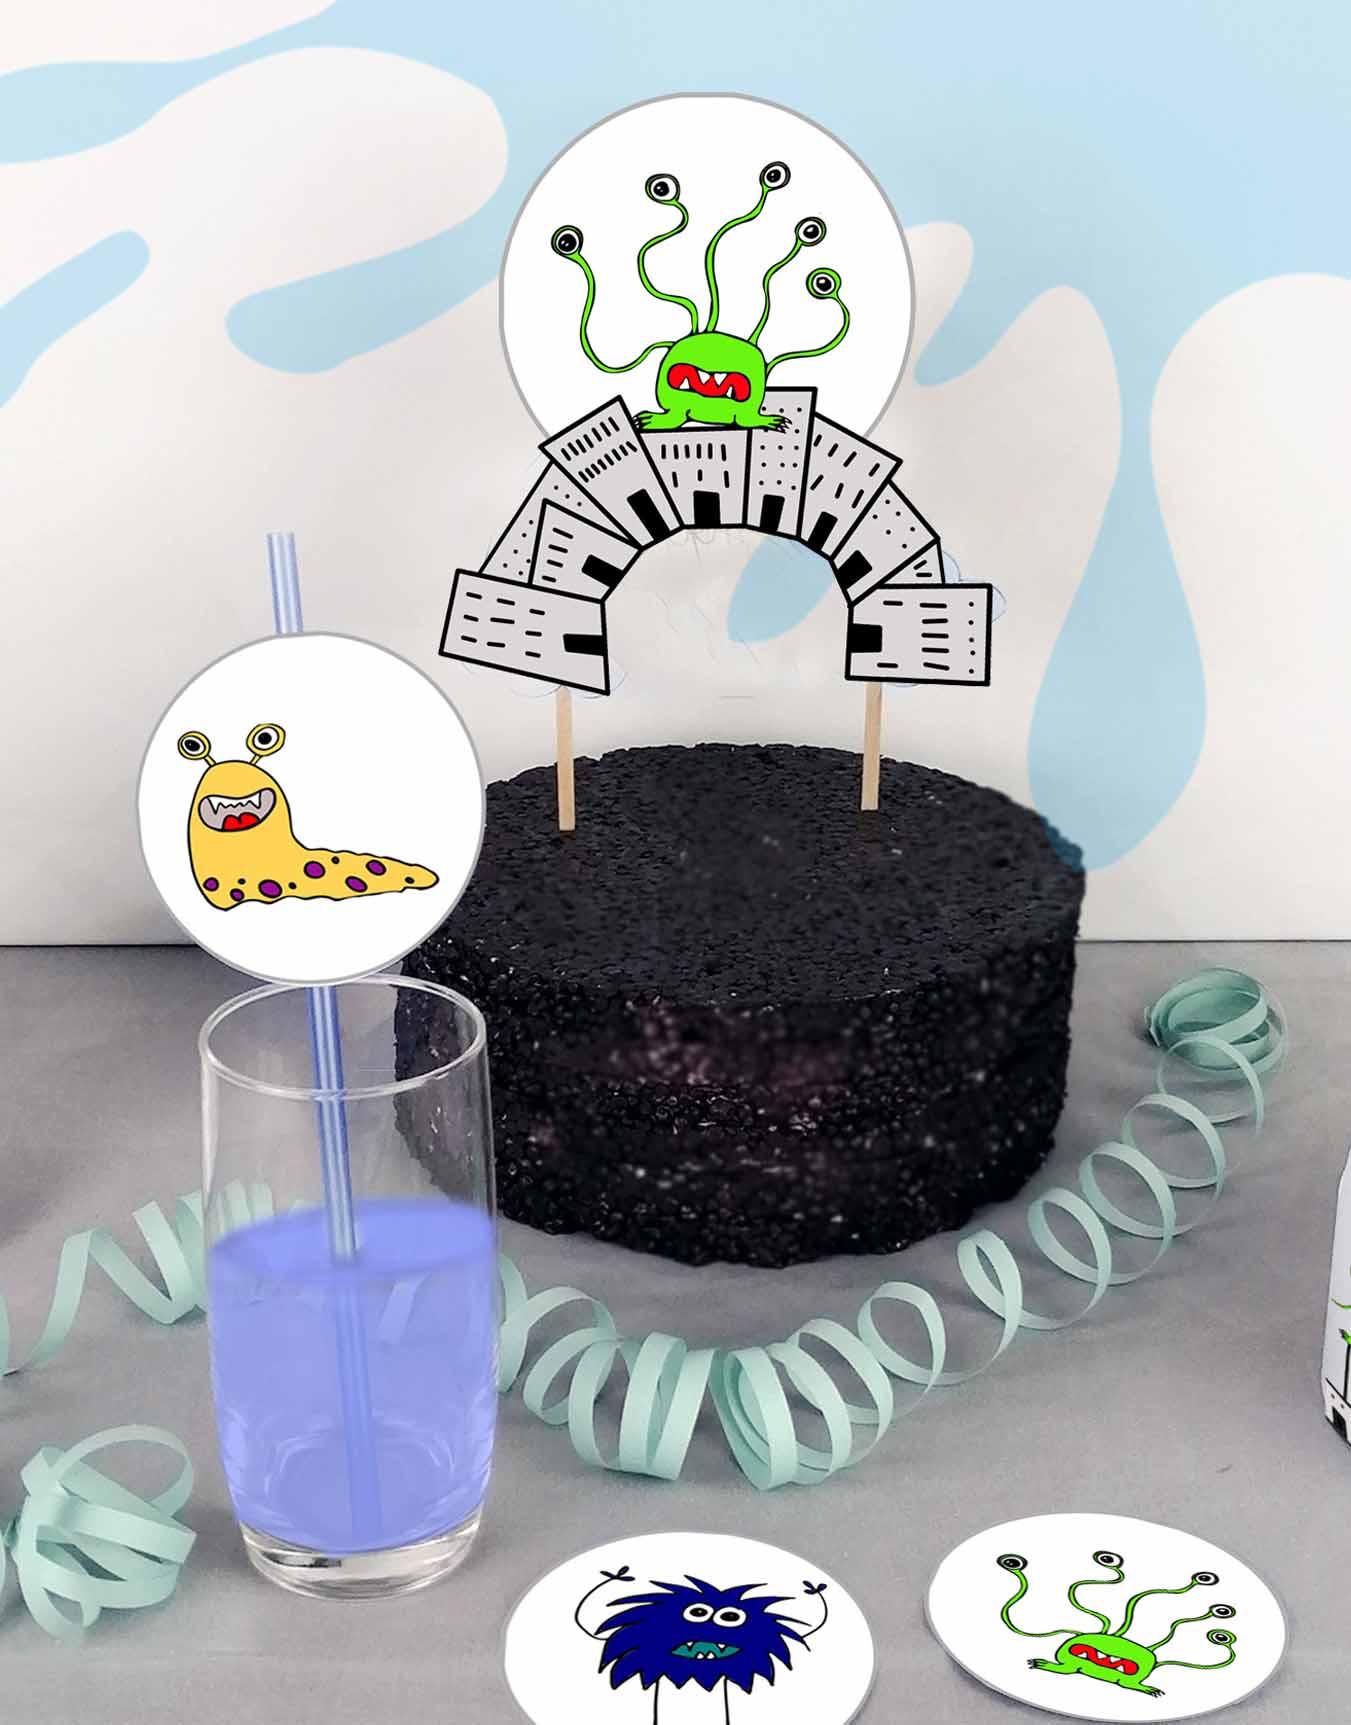 Druckvorlagen für einen selbst gebastelten Motto Cake Topper mit Monstern